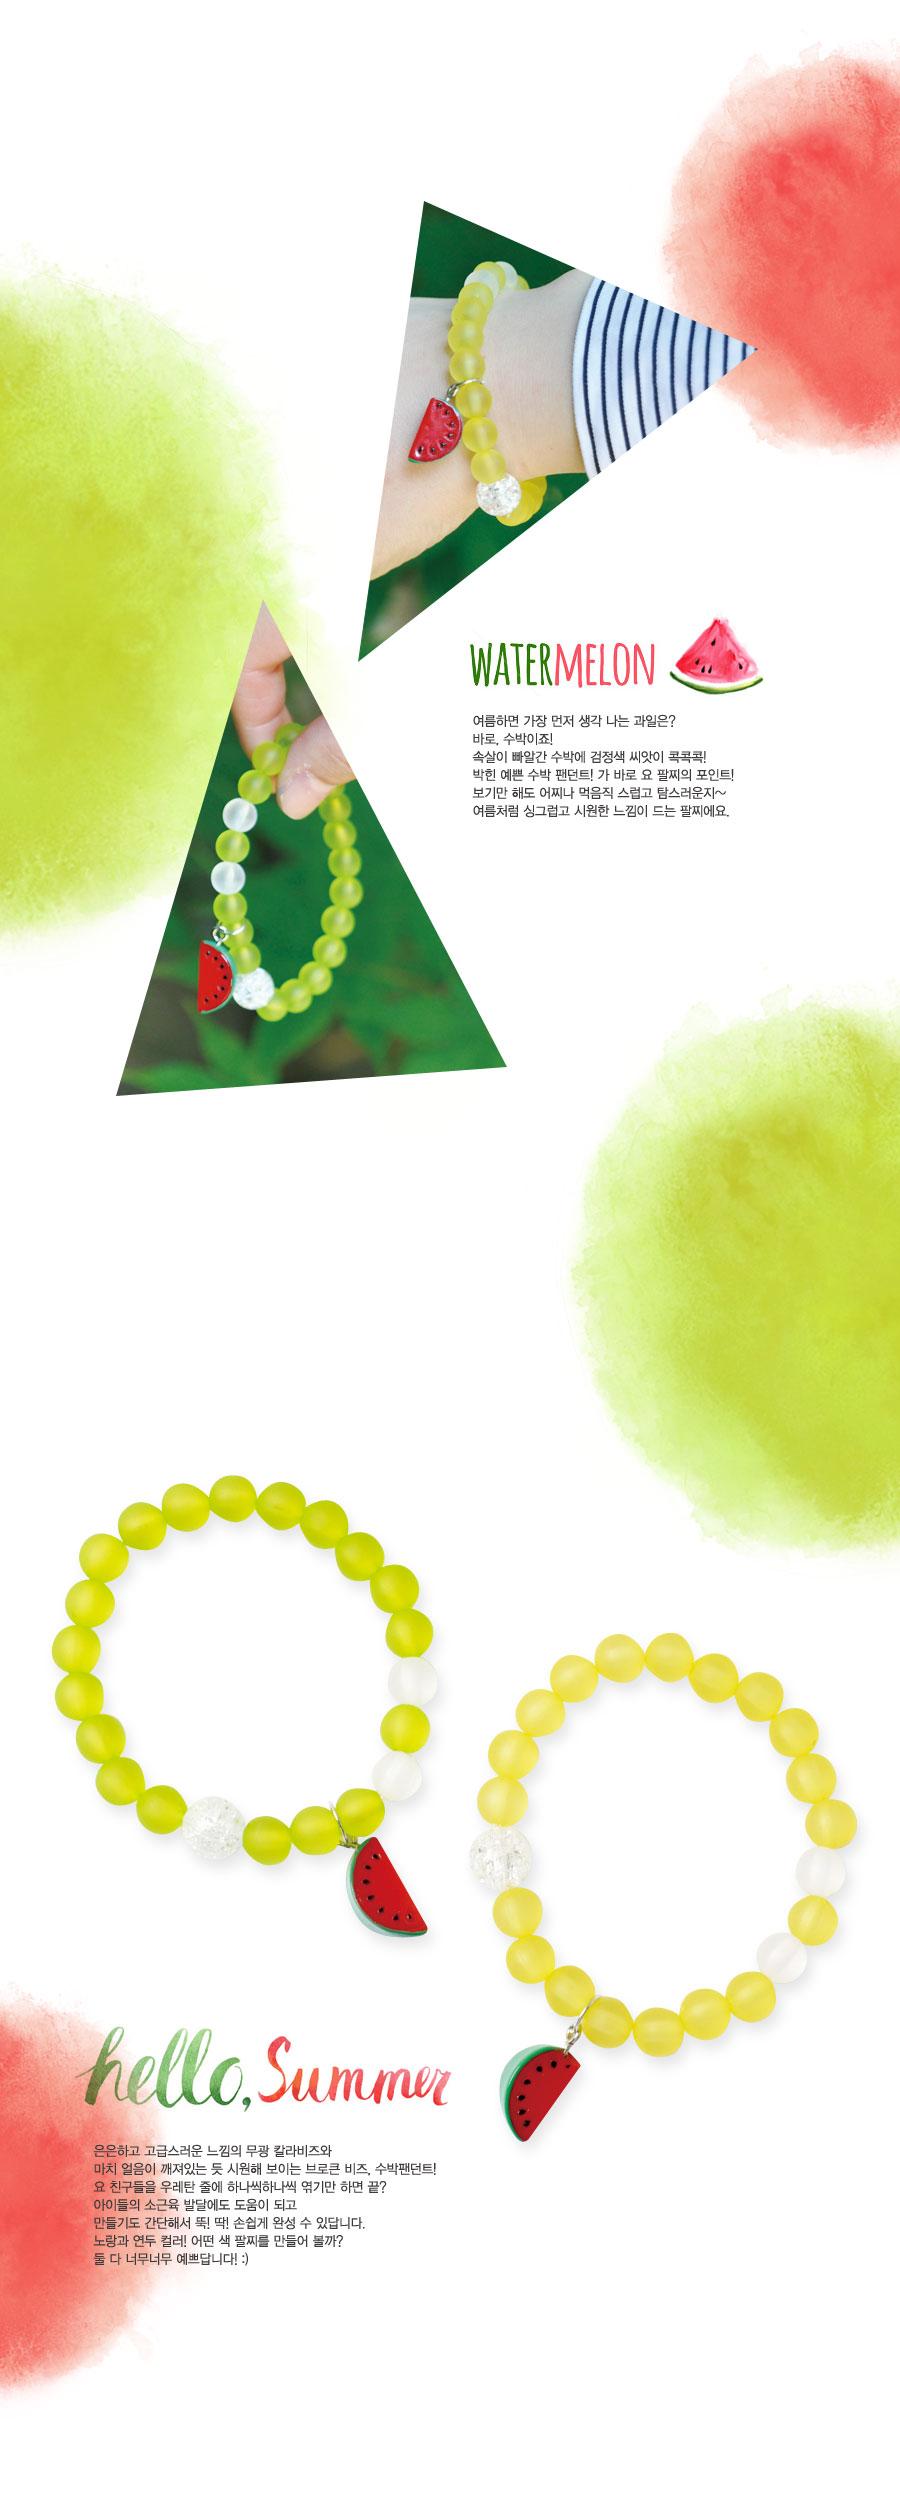 시원한 수박팔찌만들기(1인용)/비즈재료/(색상랜덤) - 아트랄라, 1,700원, 전통공예, 기타소품 패키지